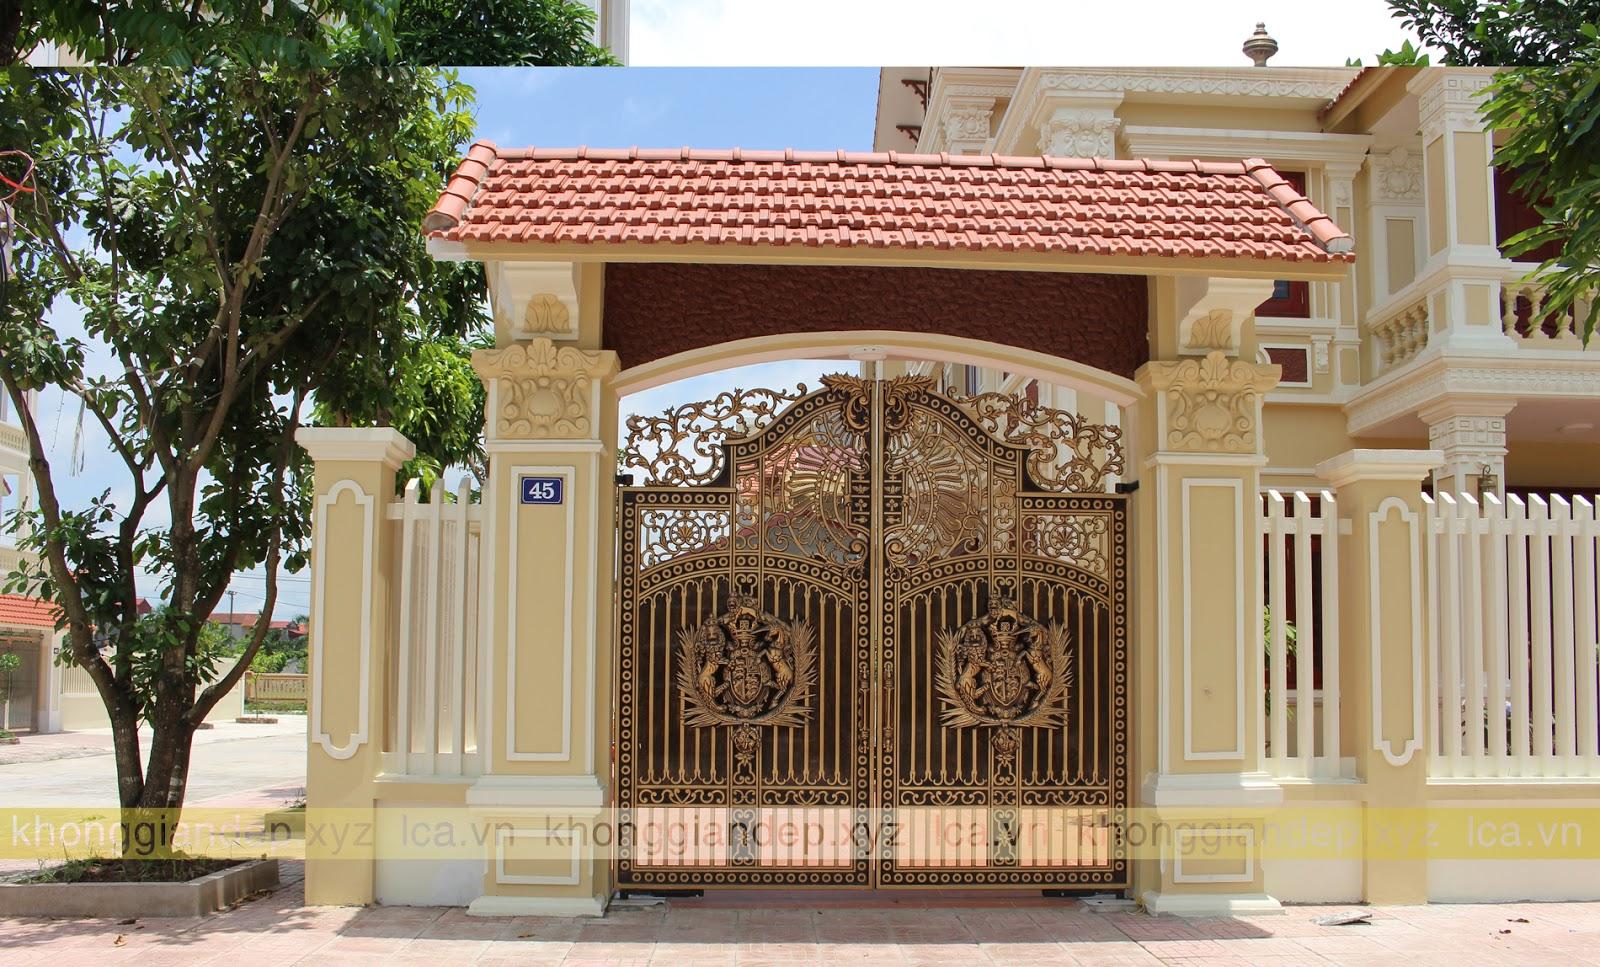 Cổng nhôm đúc có mái che cổng biệt thự đẹp tại Ninh Bình